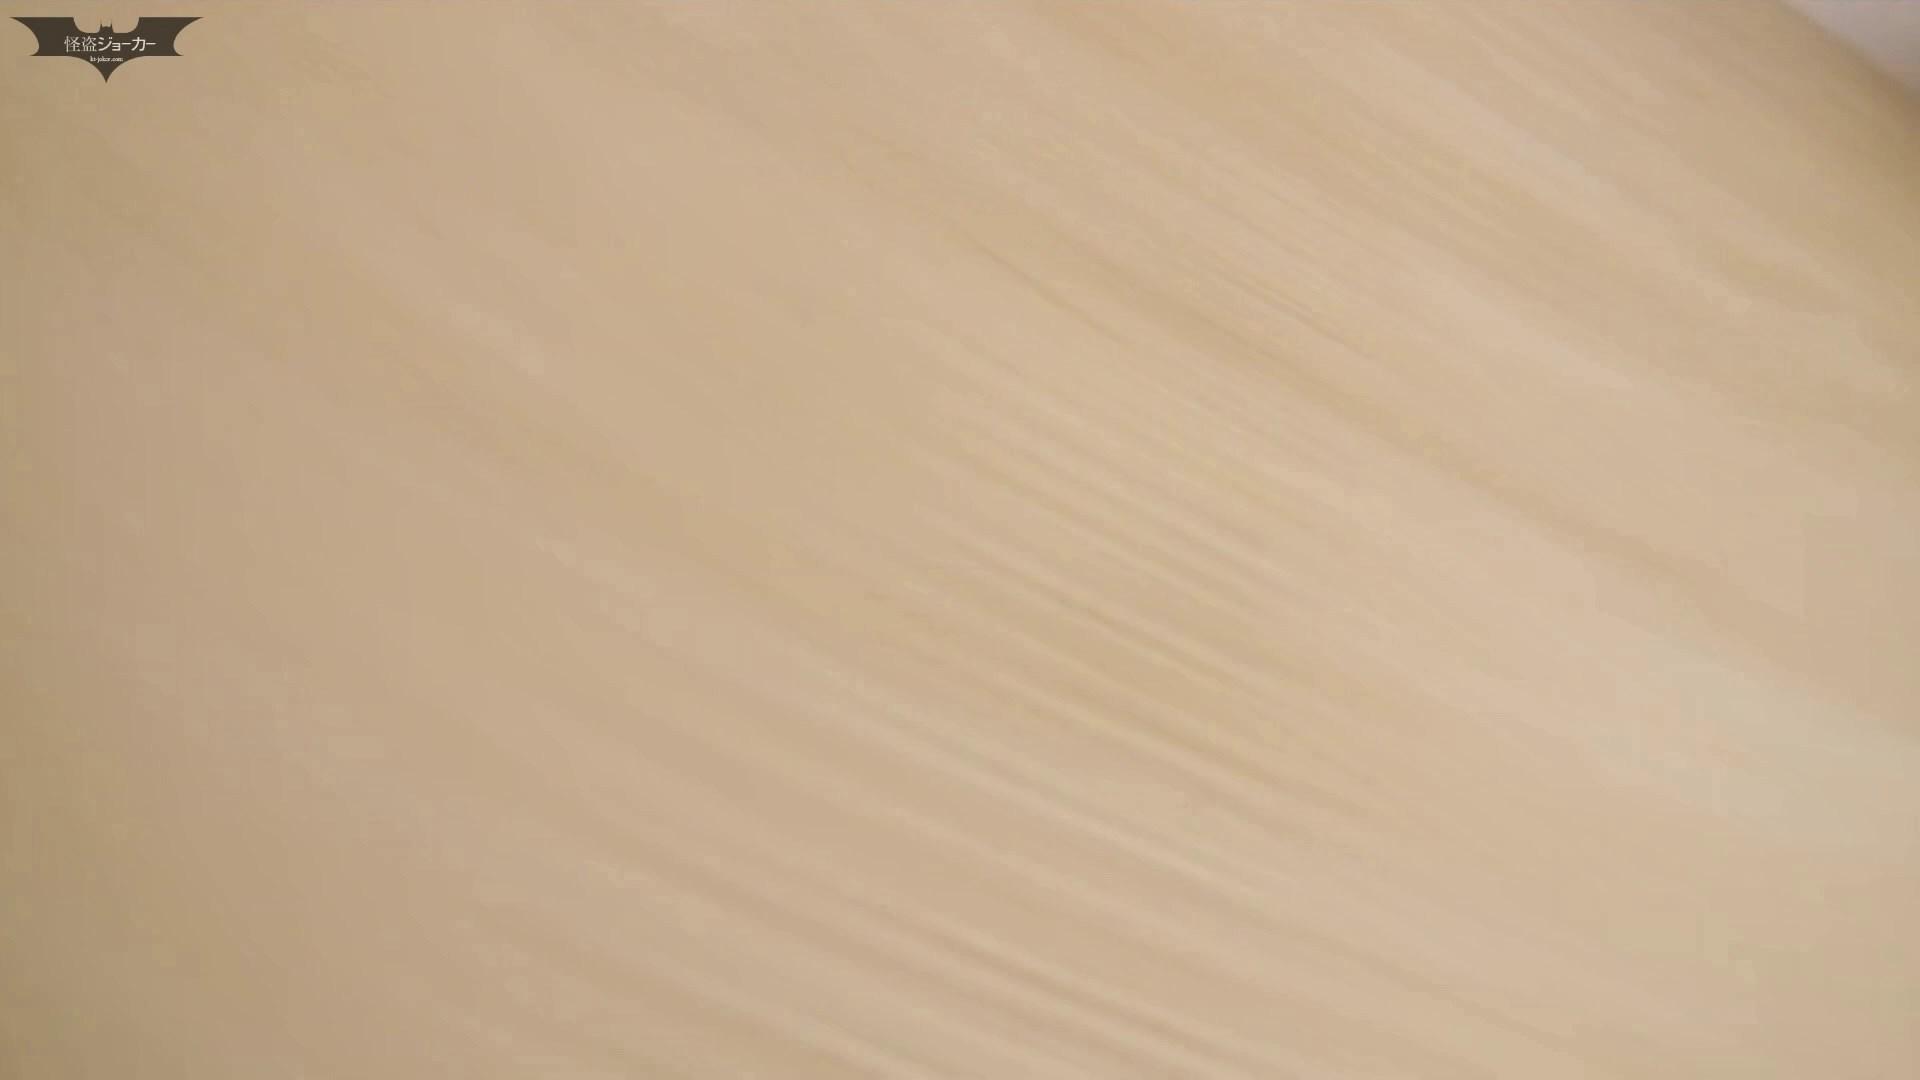 阿国ちゃんの和式洋式七変化 Vol.26 女子会開催でJD大集合! 和式 盗撮 89PIX 9